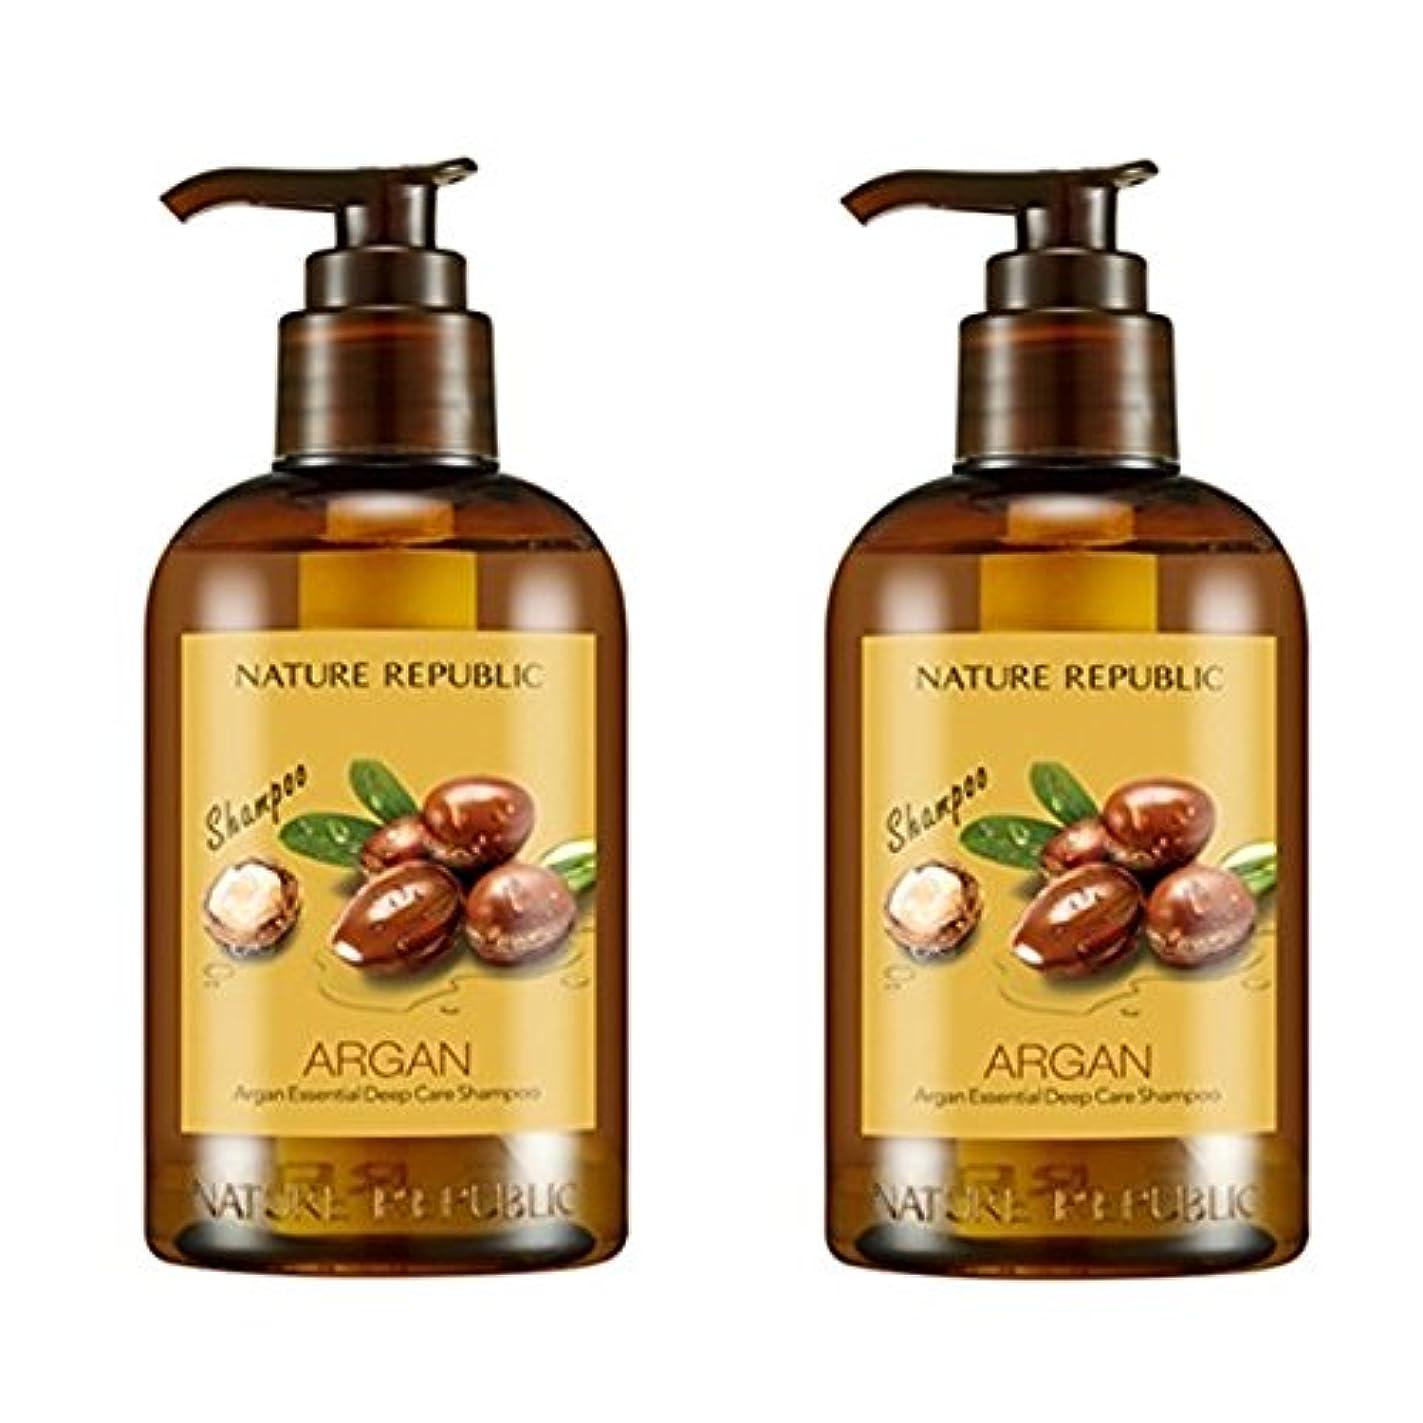 煙禁輸アナリストネイチャーリパブリック(NATURE REPUBLIC) アルガン エッセンシャル ディープ ケア シャンプー x 2本 (Argan Essential Deep Care Shampoo x2pcs Set) [並行輸入品]